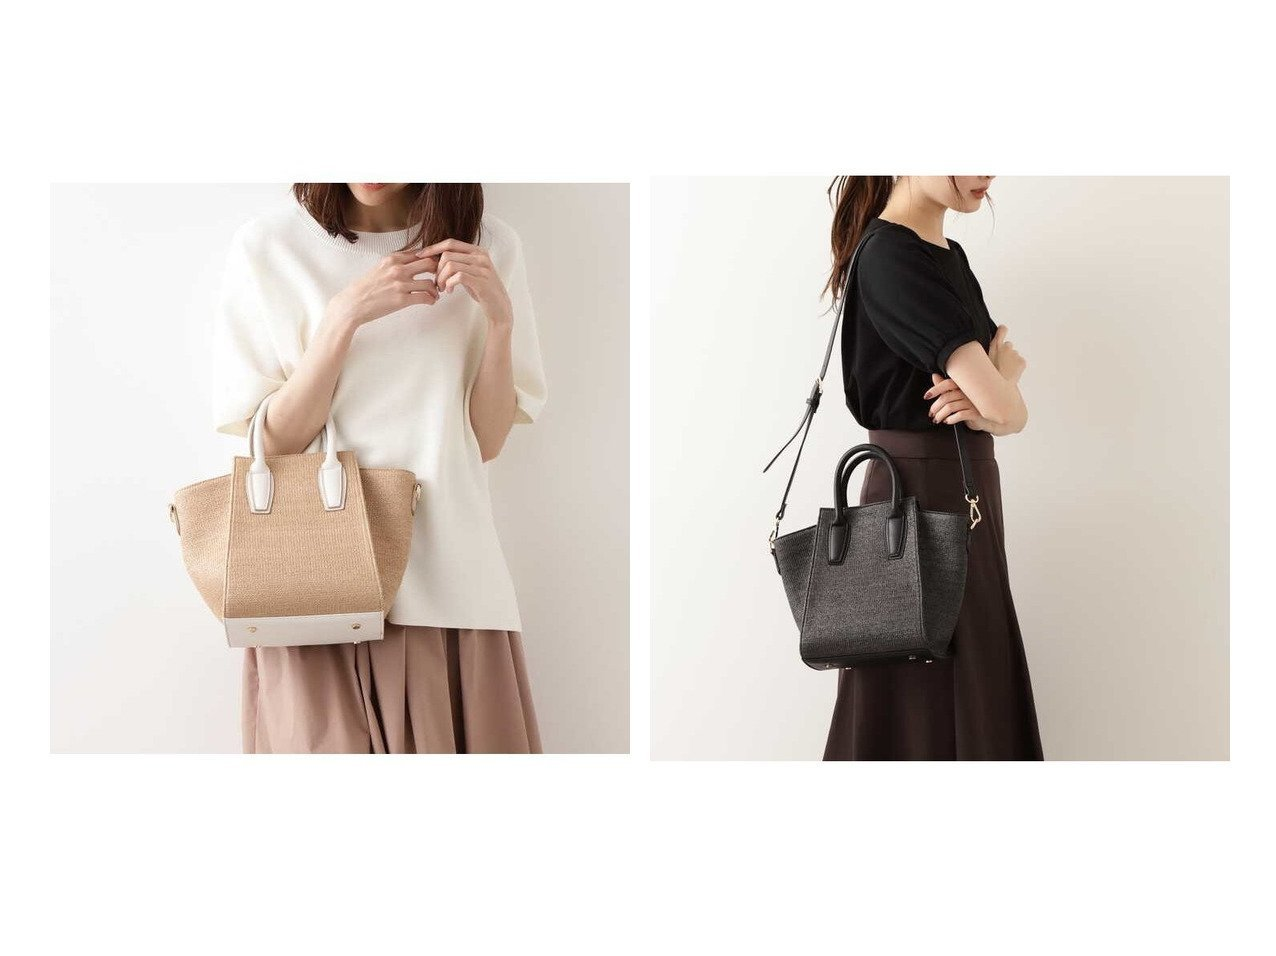 【NATURAL BEAUTY BASIC/ナチュラル ビューティー ベーシック】のスクエアステッチトート 【バッグ・鞄】おすすめ!人気、トレンド・レディースファッションの通販 おすすめで人気の流行・トレンド、ファッションの通販商品 メンズファッション・キッズファッション・インテリア・家具・レディースファッション・服の通販 founy(ファニー) https://founy.com/ ファッション Fashion レディースファッション WOMEN バッグ Bag おすすめ Recommend 人気 |ID:crp329100000034981